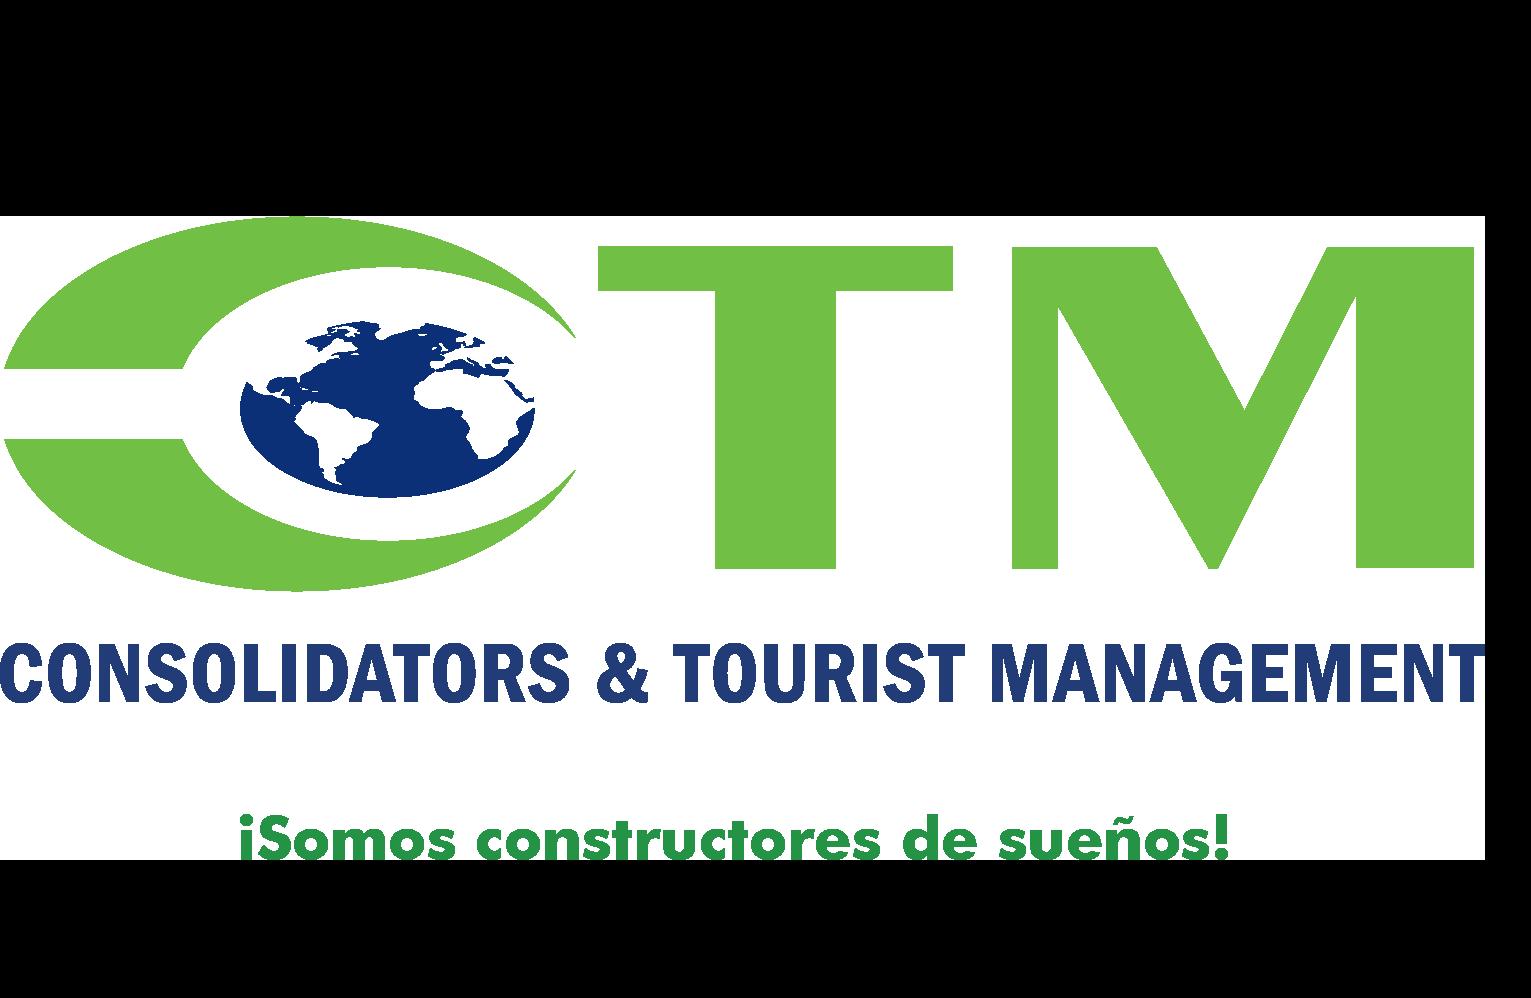 Ctmenlinea Tiquetes baratos a cualquier destino. Reserva y compra tiquetes aéreos, cuartos de hoteles, autos, cruceros y paquetes turísticos en línea